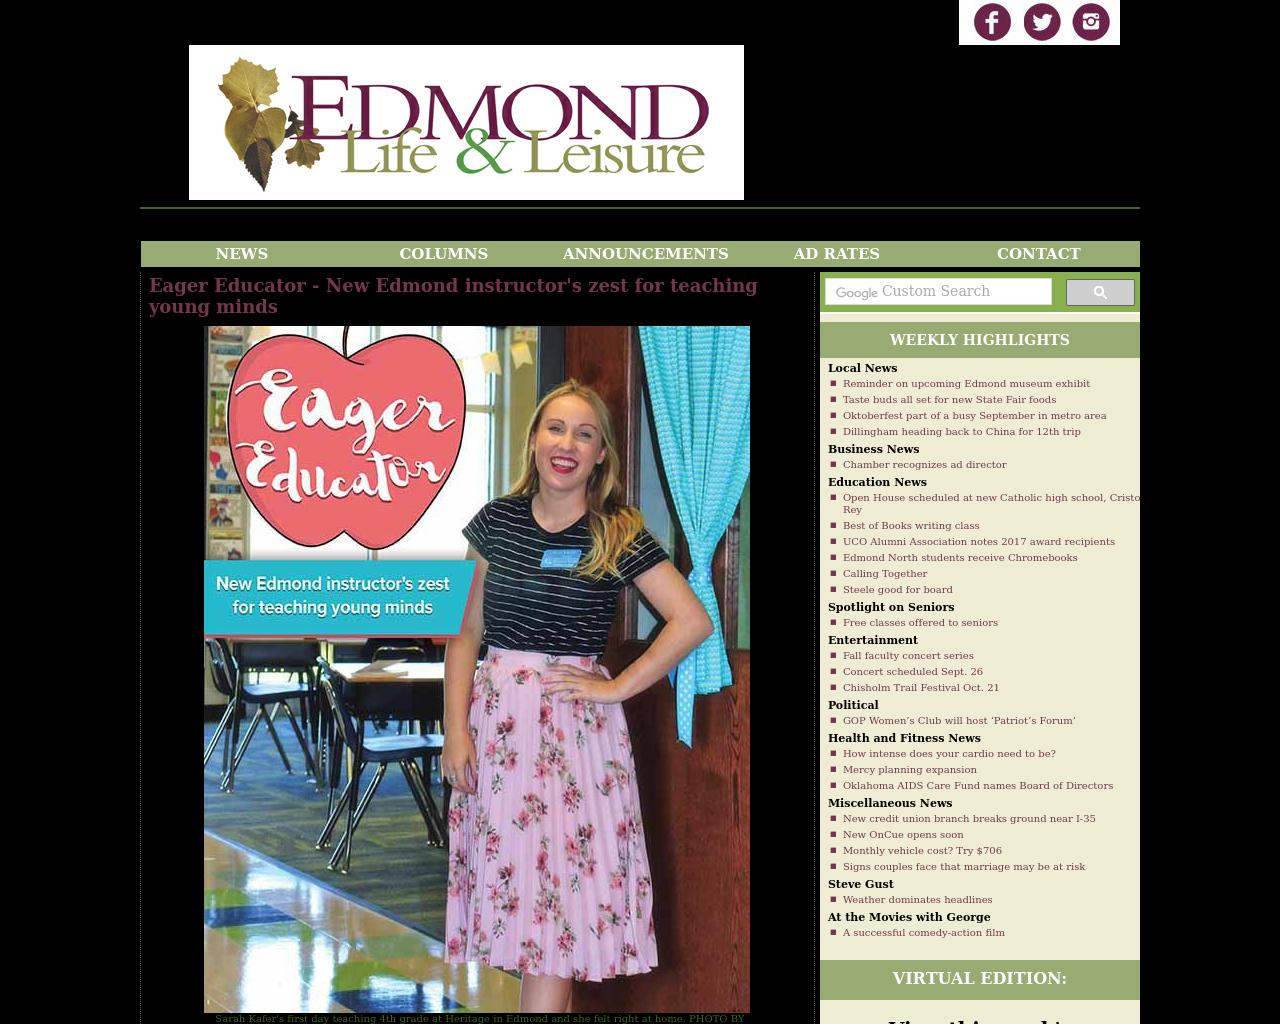 EDMOND-Life-&-Leisure-Advertising-Reviews-Pricing